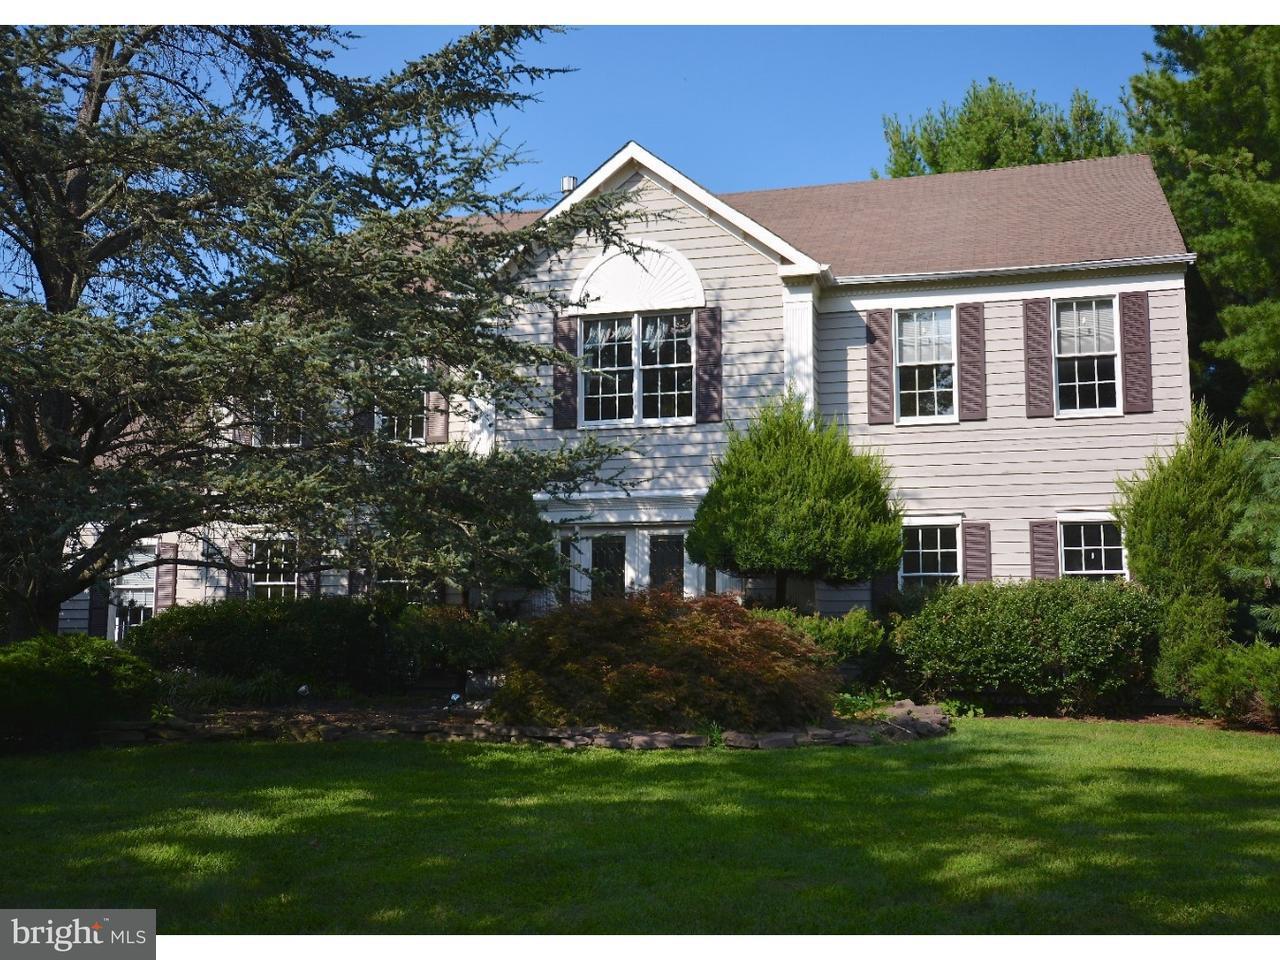 独户住宅 为 销售 在 1405 UXBRIDGE WAY North Wales, 宾夕法尼亚州 19454 美国